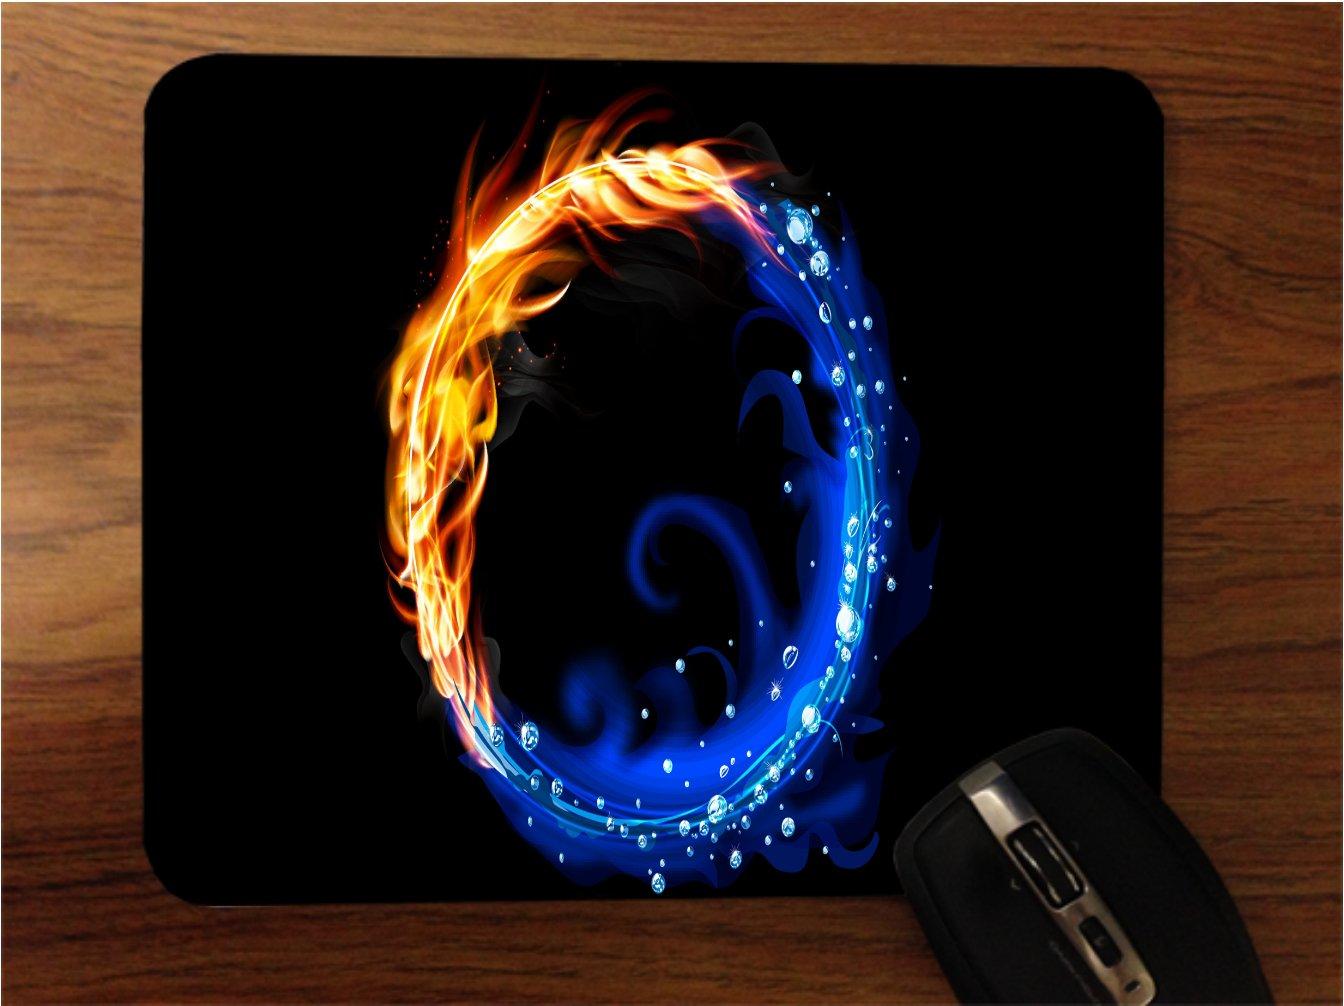 Magic Water Fire円イメージデスクトップOfficeシリコンマウスパッドby Magic B07FTRGLC6 Trendyアクセサリー B07FTRGLC6, カナヤチョウ:d16aee10 --- elmont.su